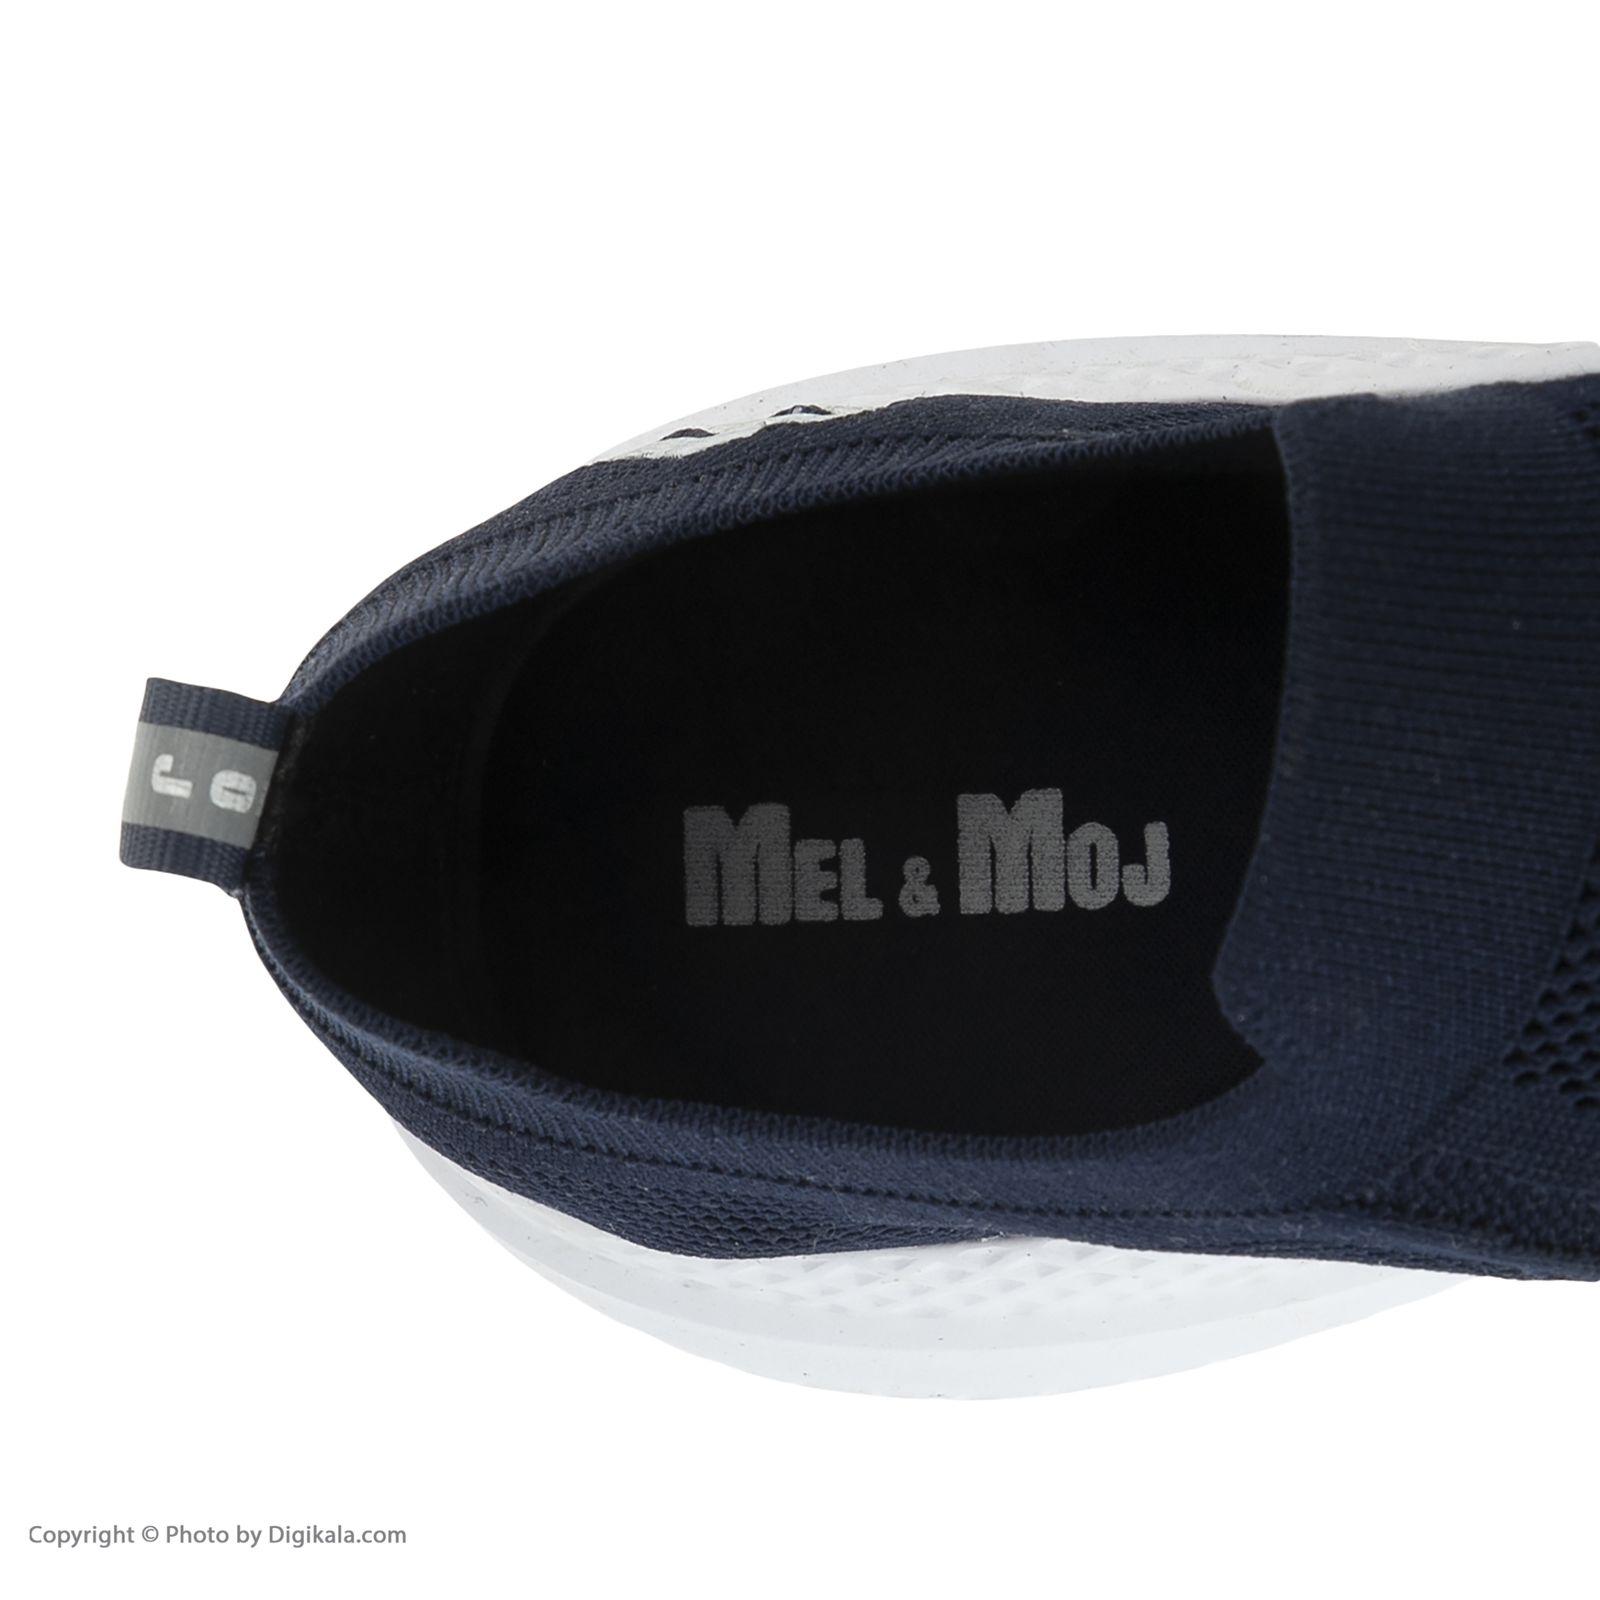 کفش راحتی مردانه مل اند موژ مدل 1020-15-400 main 1 7